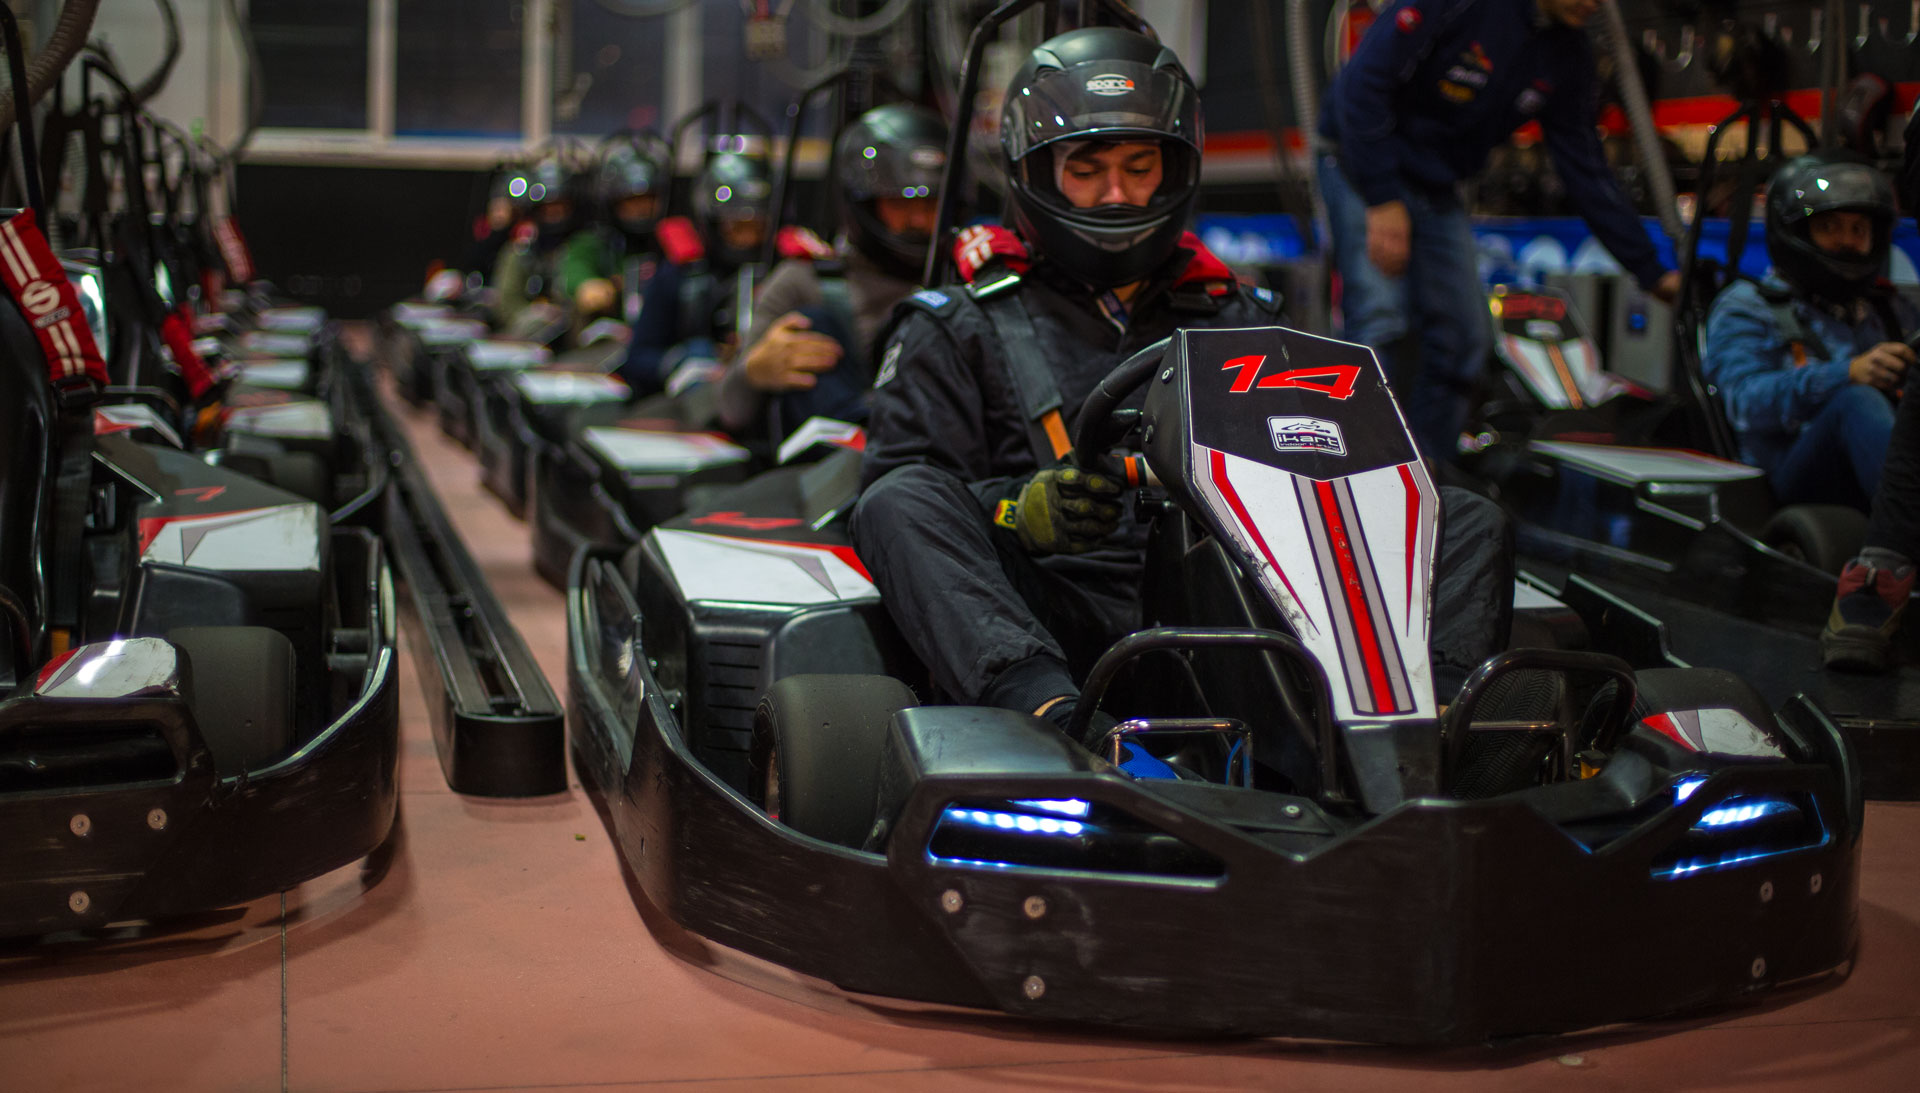 Ikart è la pista indoor a Riccione